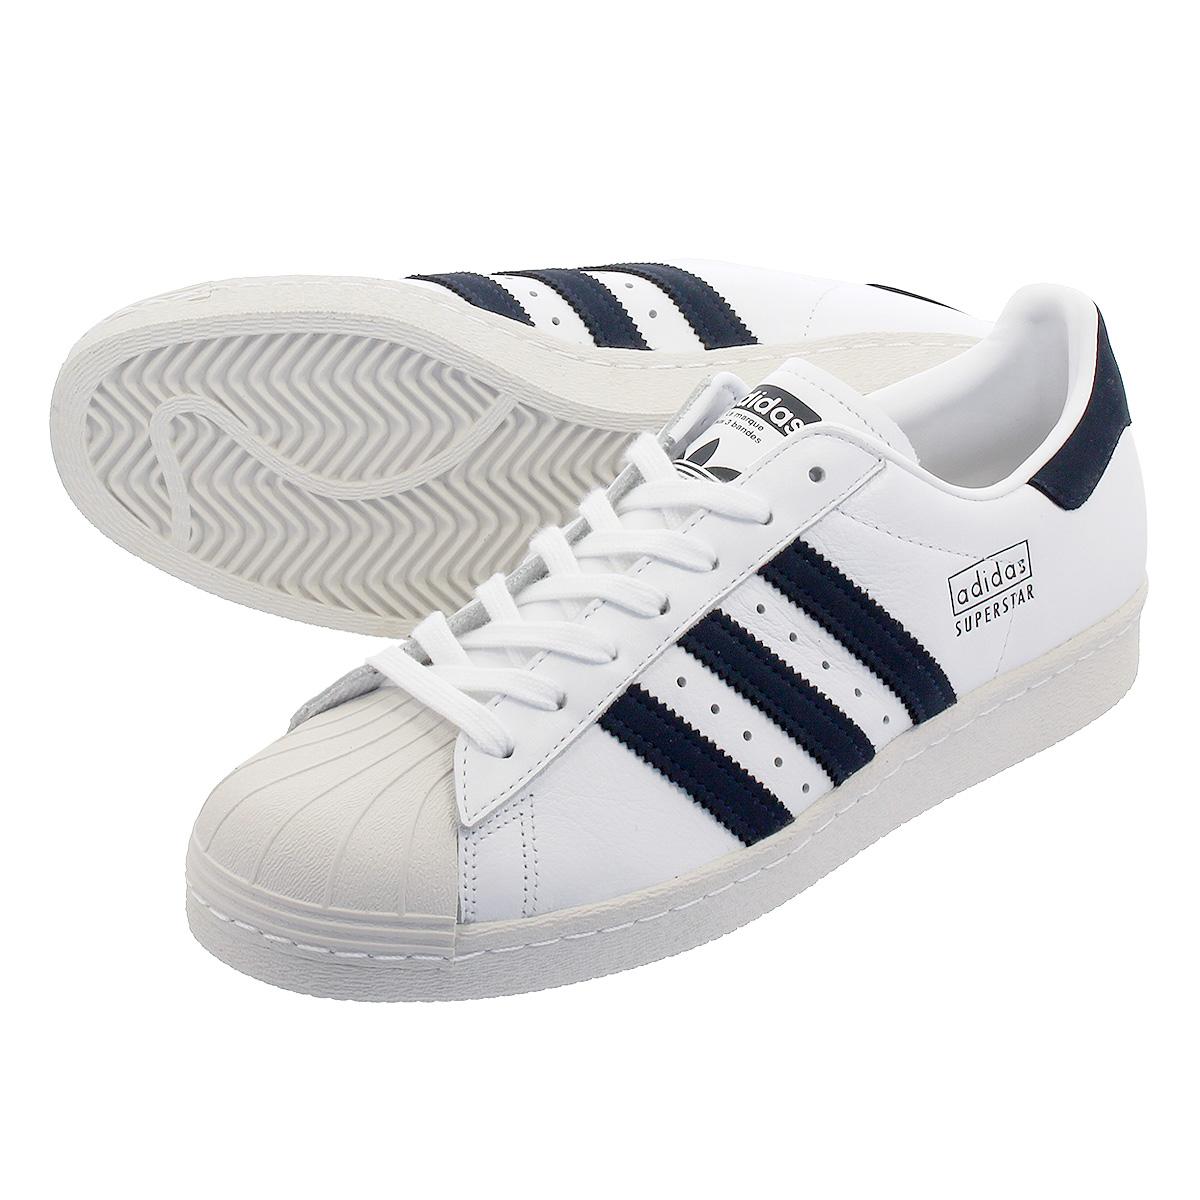 oben adidas SUPERSTAR 80s Adidas superstar 80s RUNNING WHITECOLLEGE NAVYCRYSTAL WHITE ee8778  großer Rabatt